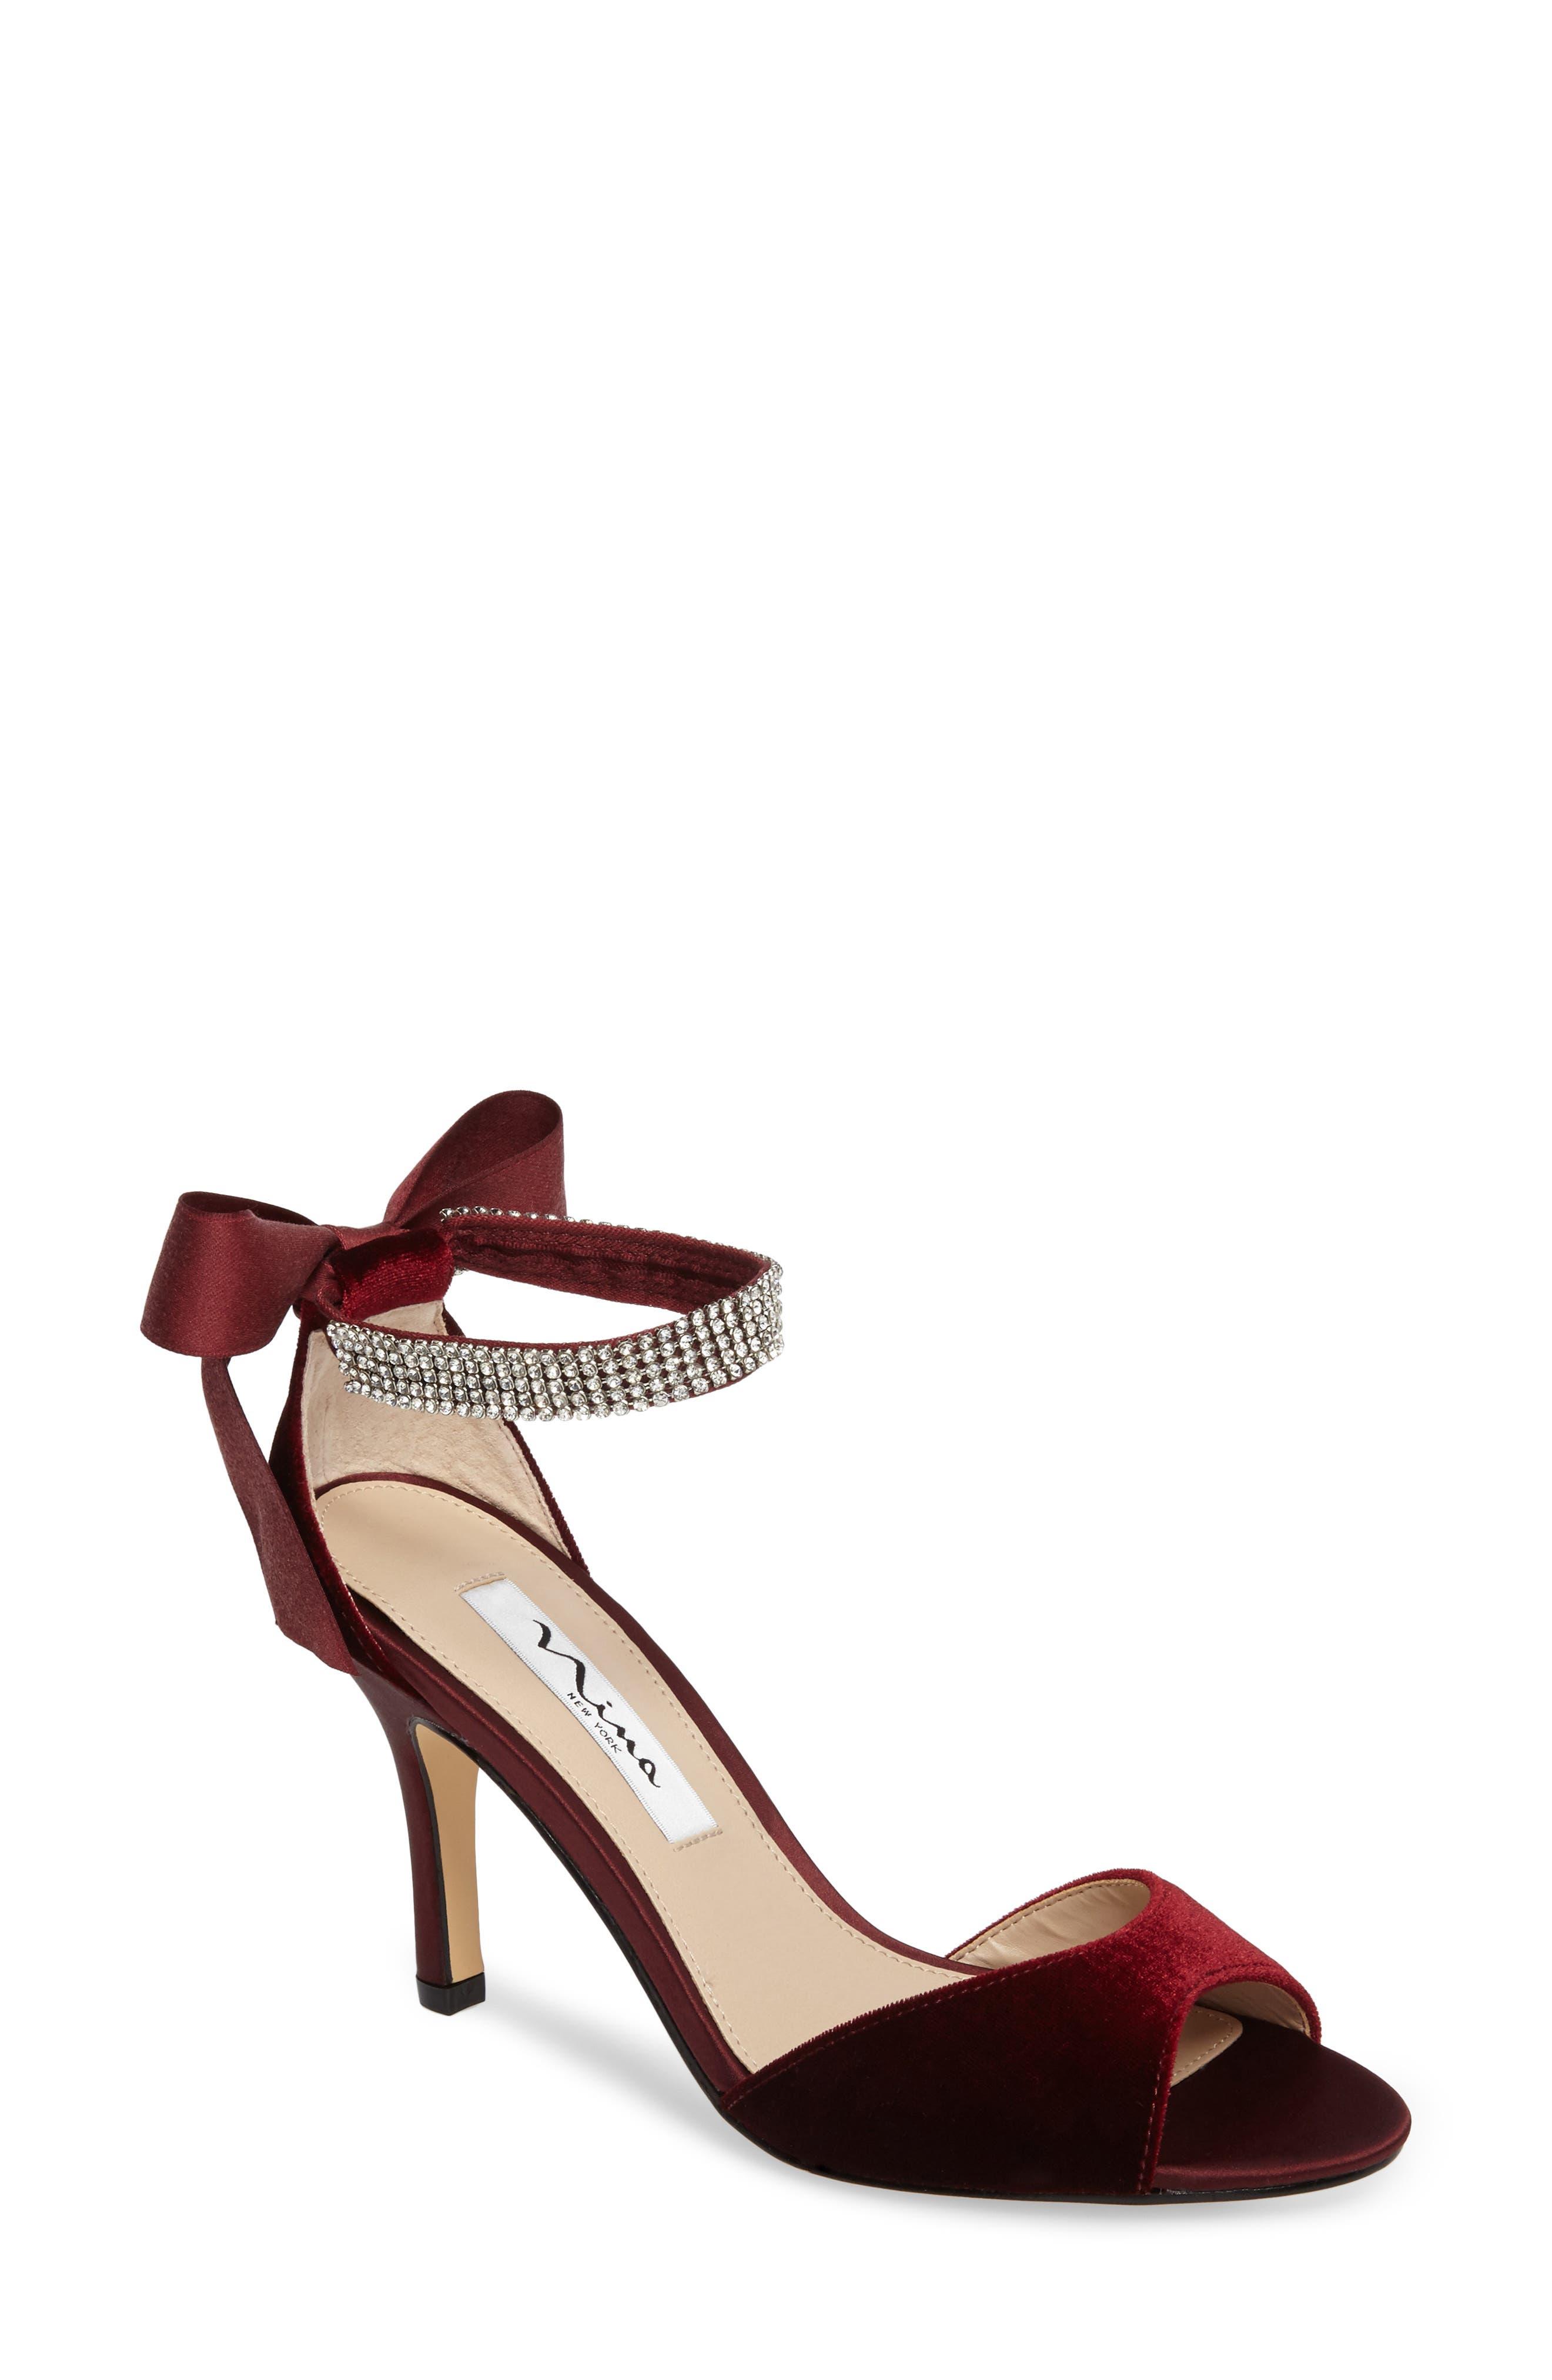 Alternate Image 1 Selected - Nina 'Vinnie' Crystal Embellished Ankle Strap Sandal (Women)